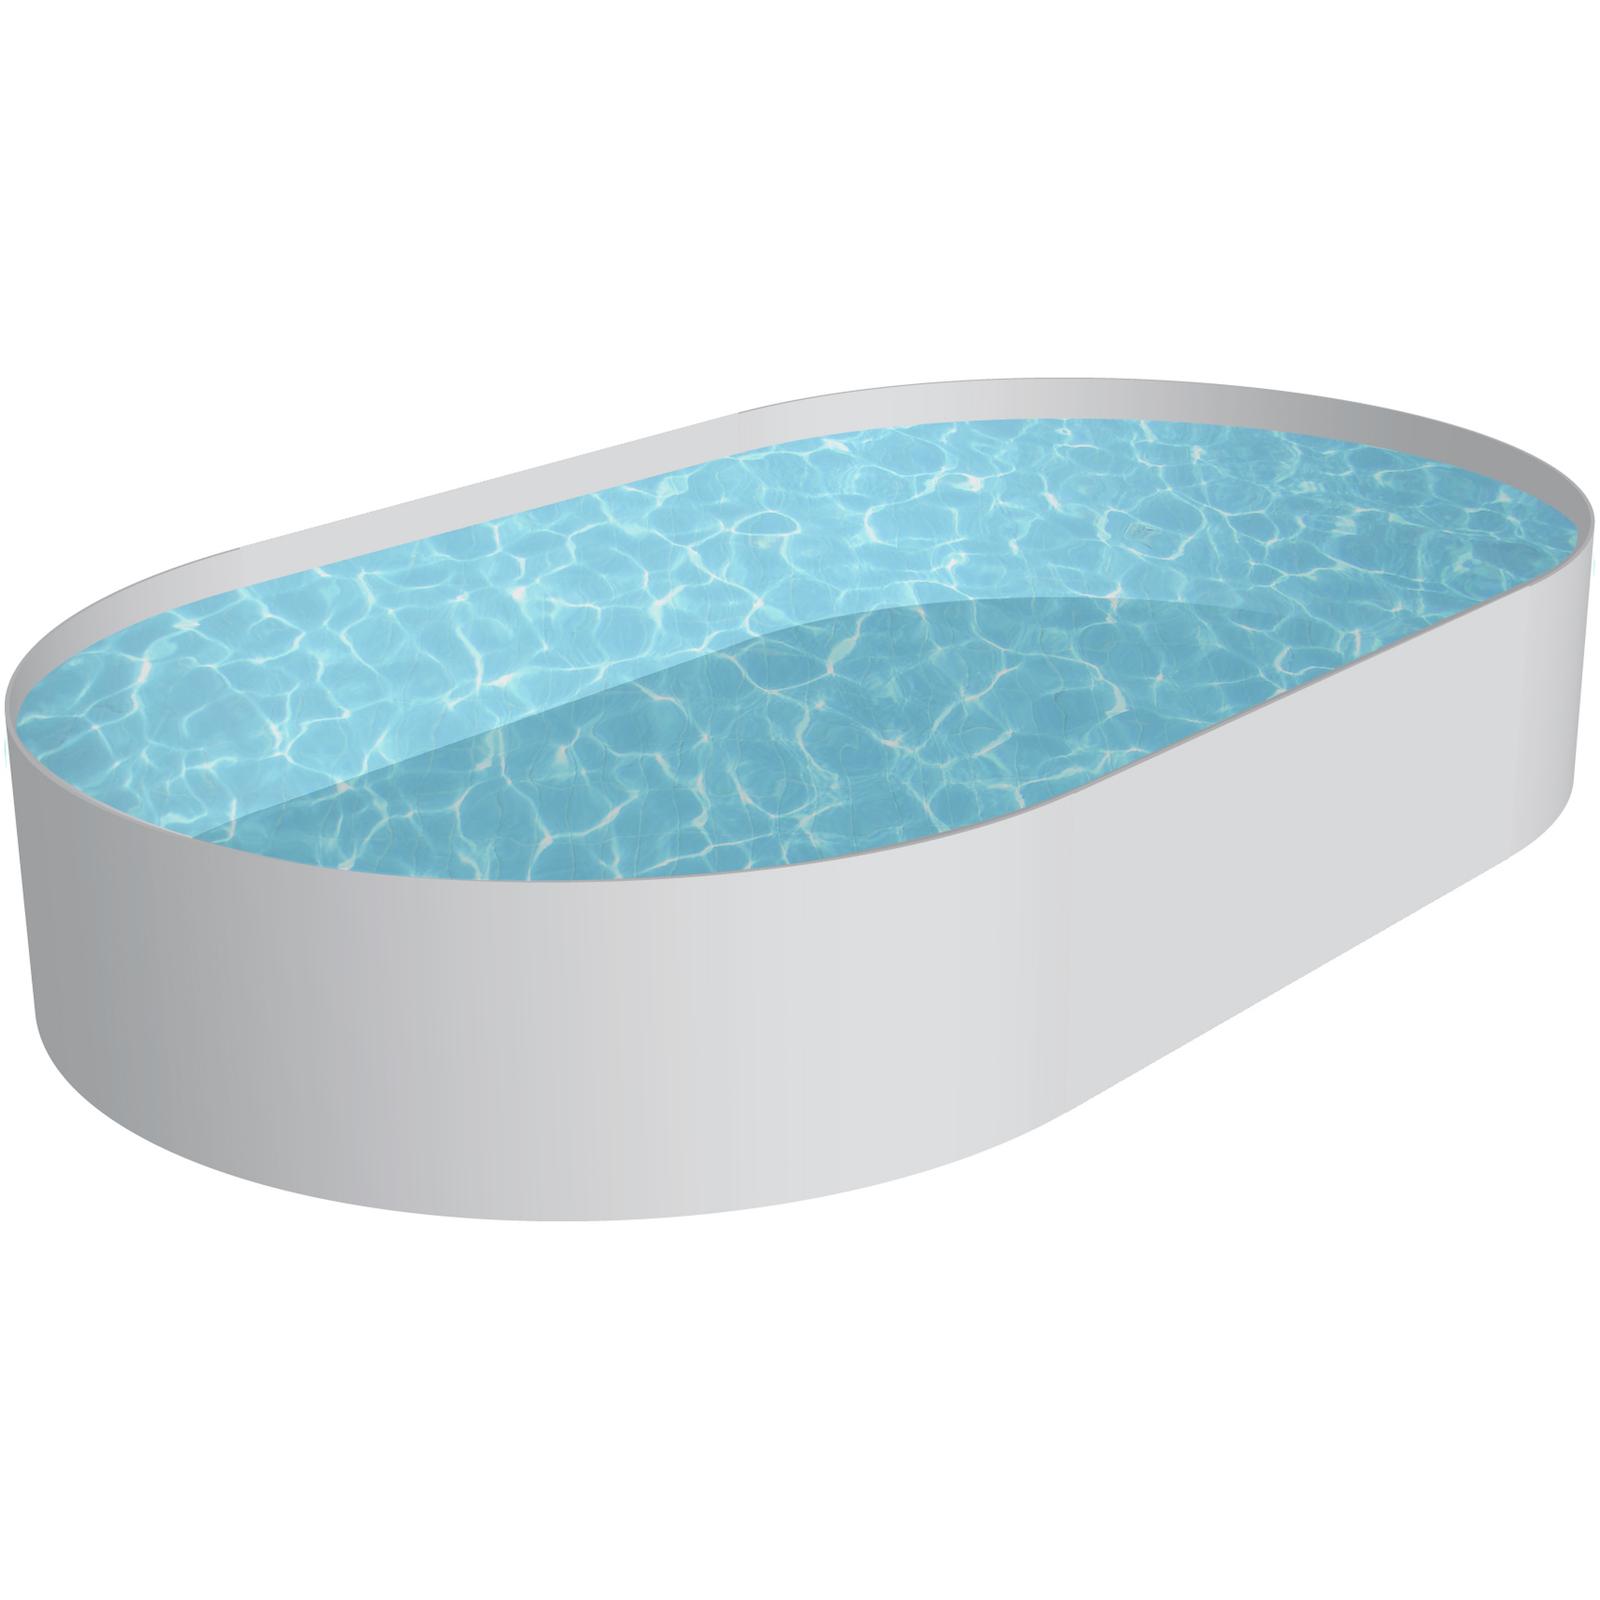 pool schwimmbecken oval stahlwand 4 gr en h he 150 cm. Black Bedroom Furniture Sets. Home Design Ideas